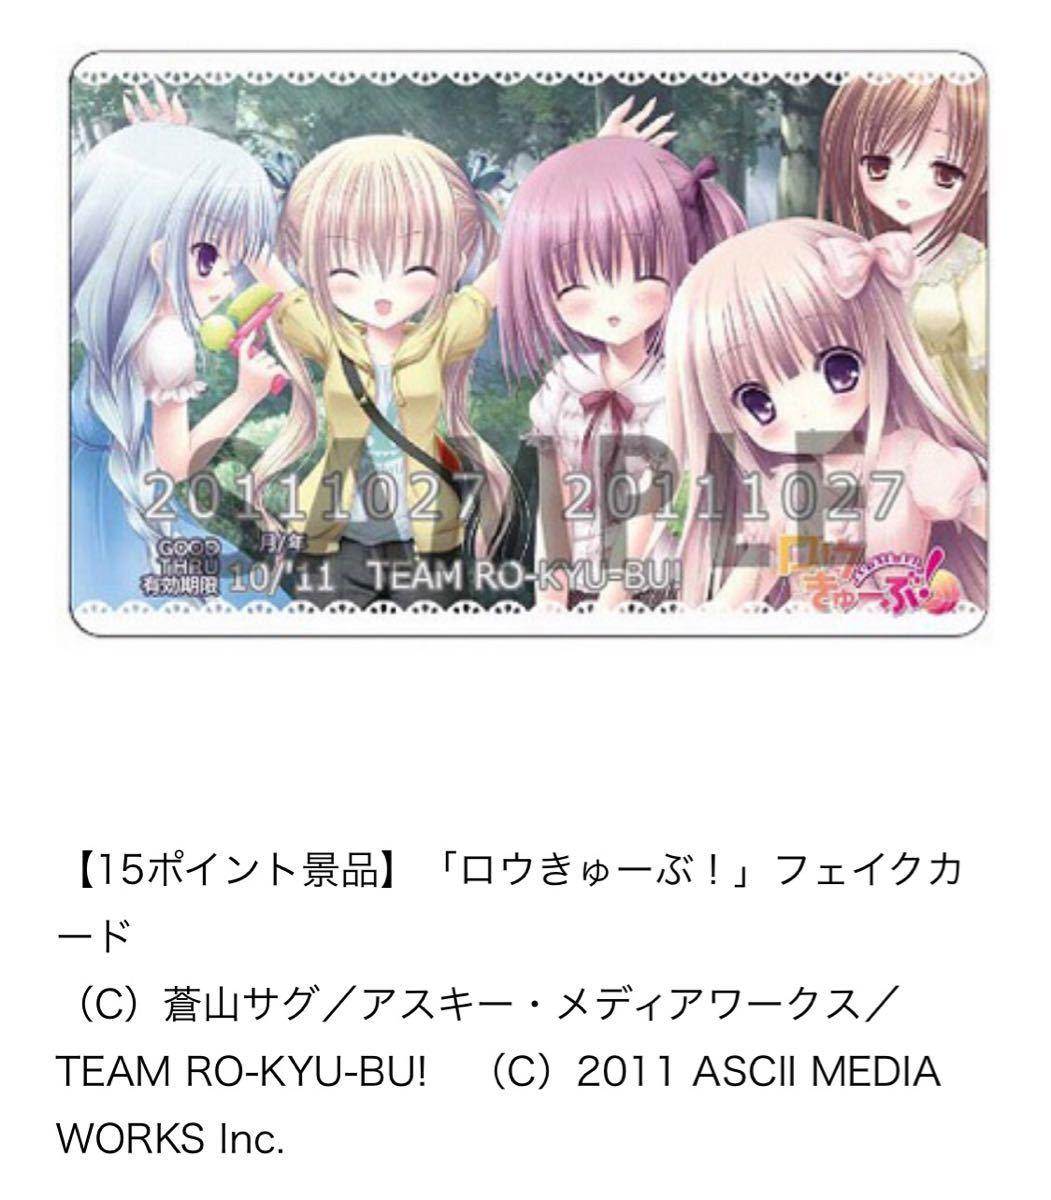 【非売品特典】ロウきゅーぶ! フェイクカード アニメイト 蒼山サグ てぃんくる